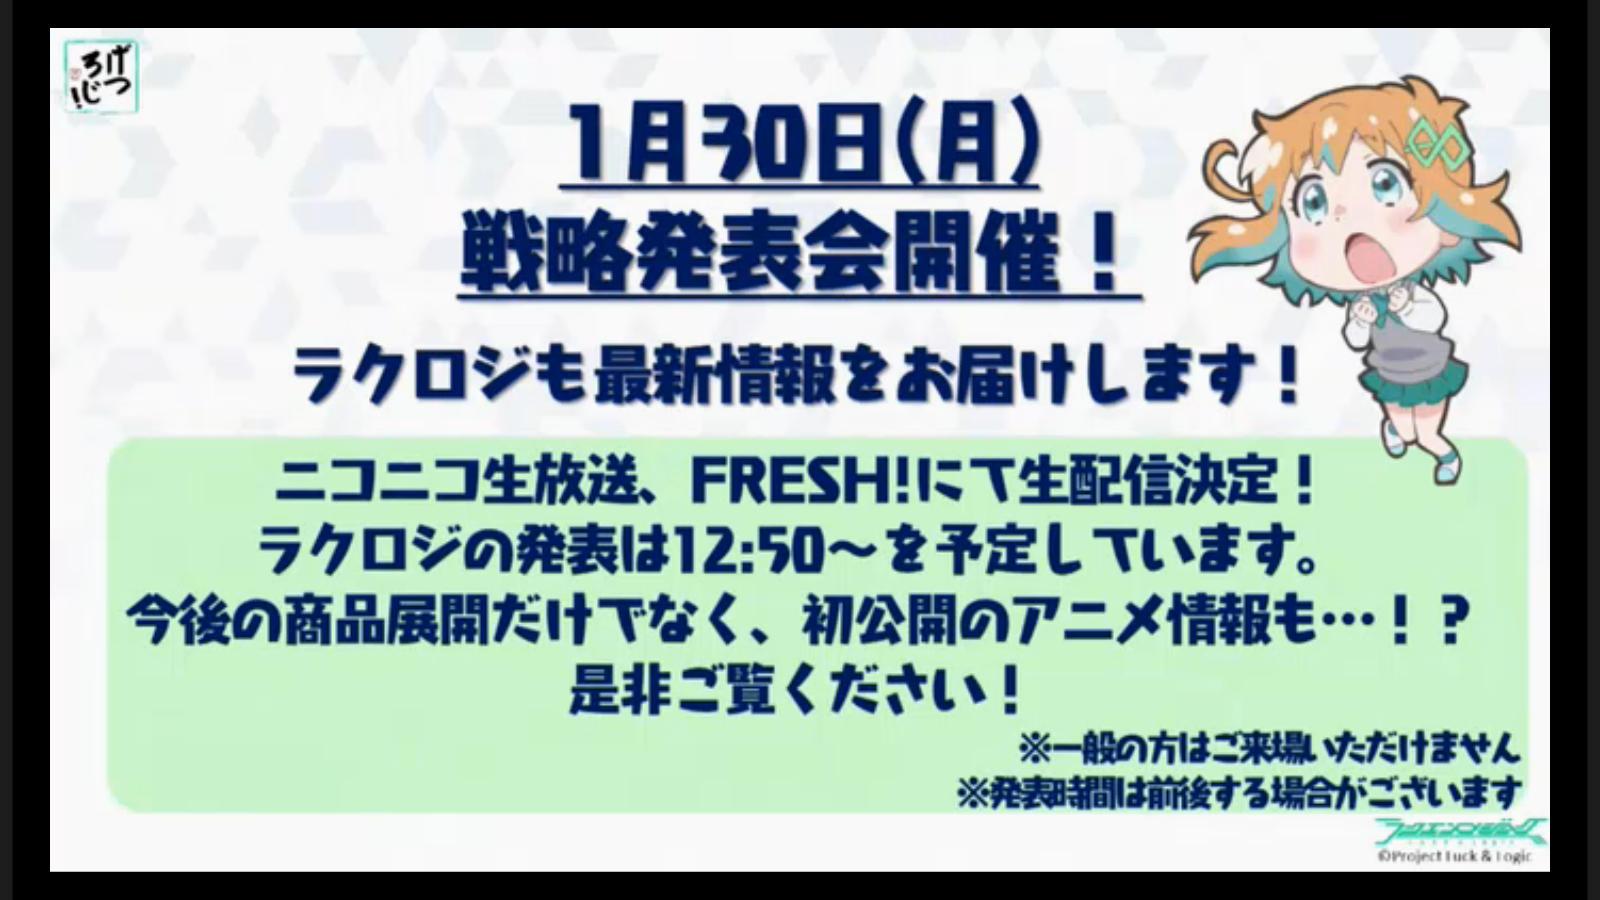 bshi-live-170109-006.jpg